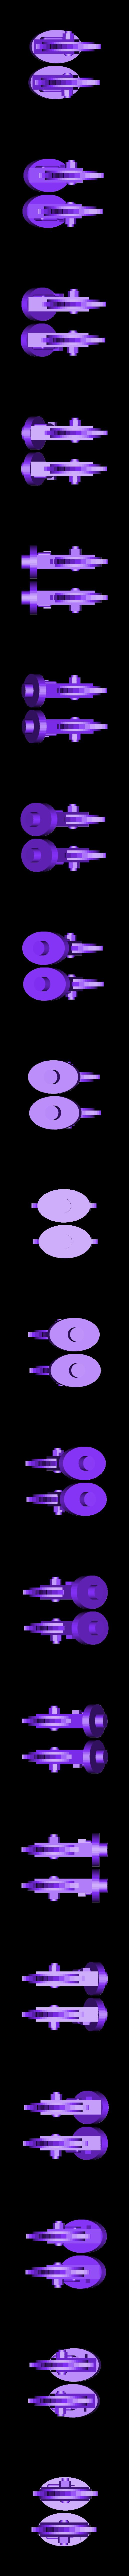 Buzz saws.stl Télécharger fichier STL Ork Tank / Canon d'assaut 28mm optimisé pour FDM Printing • Modèle pour imprimante 3D, redstarkits